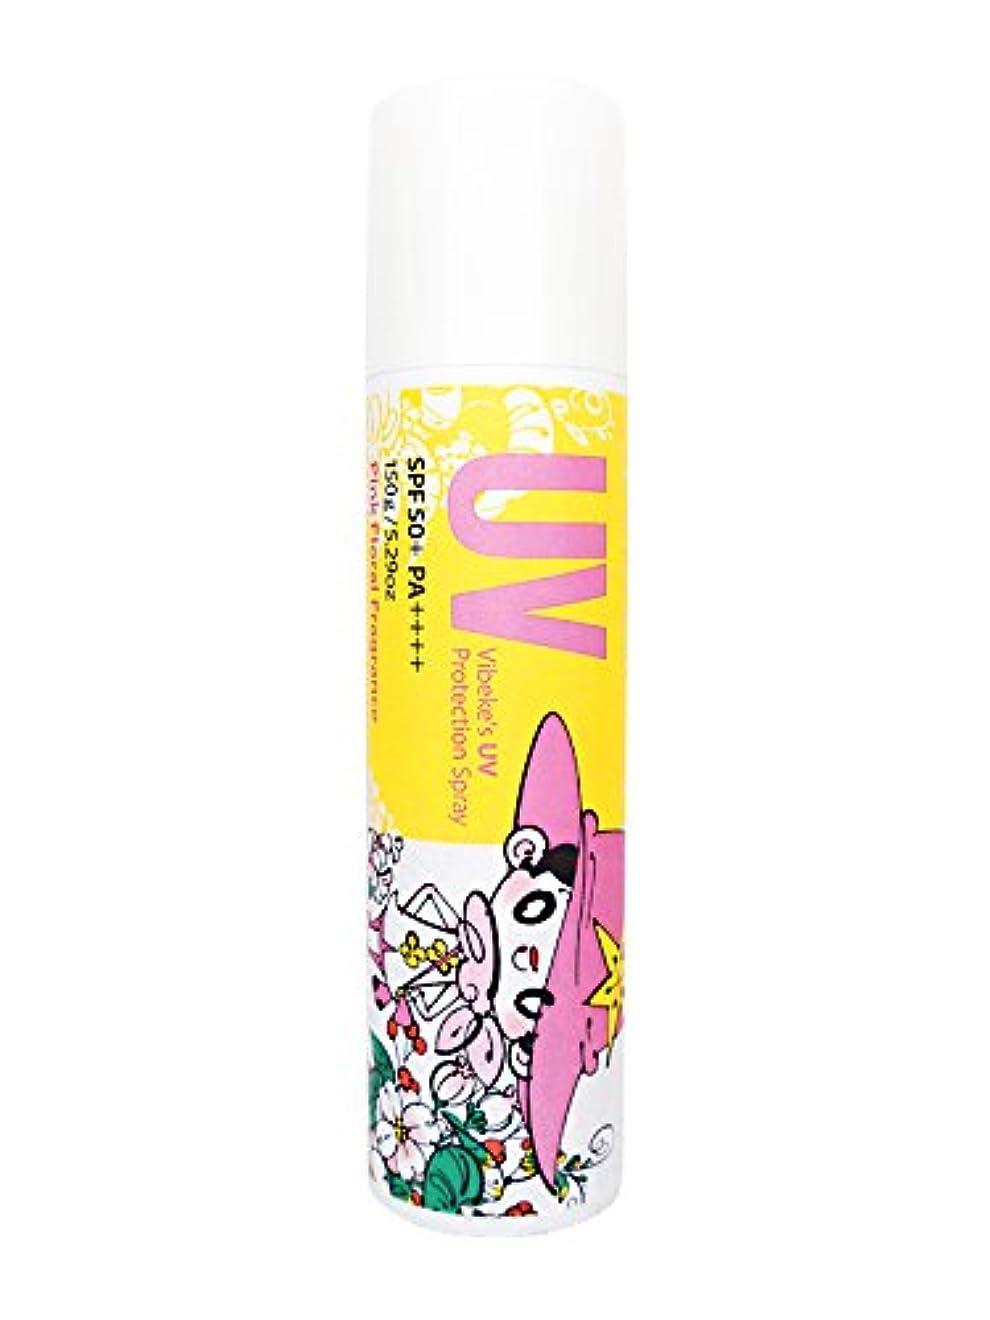 おもちゃ論理的逃げるビベッケの全身まるごとサラサラUVスプレー SPF50+ PA++++ 150g ピンクフローラルの香り